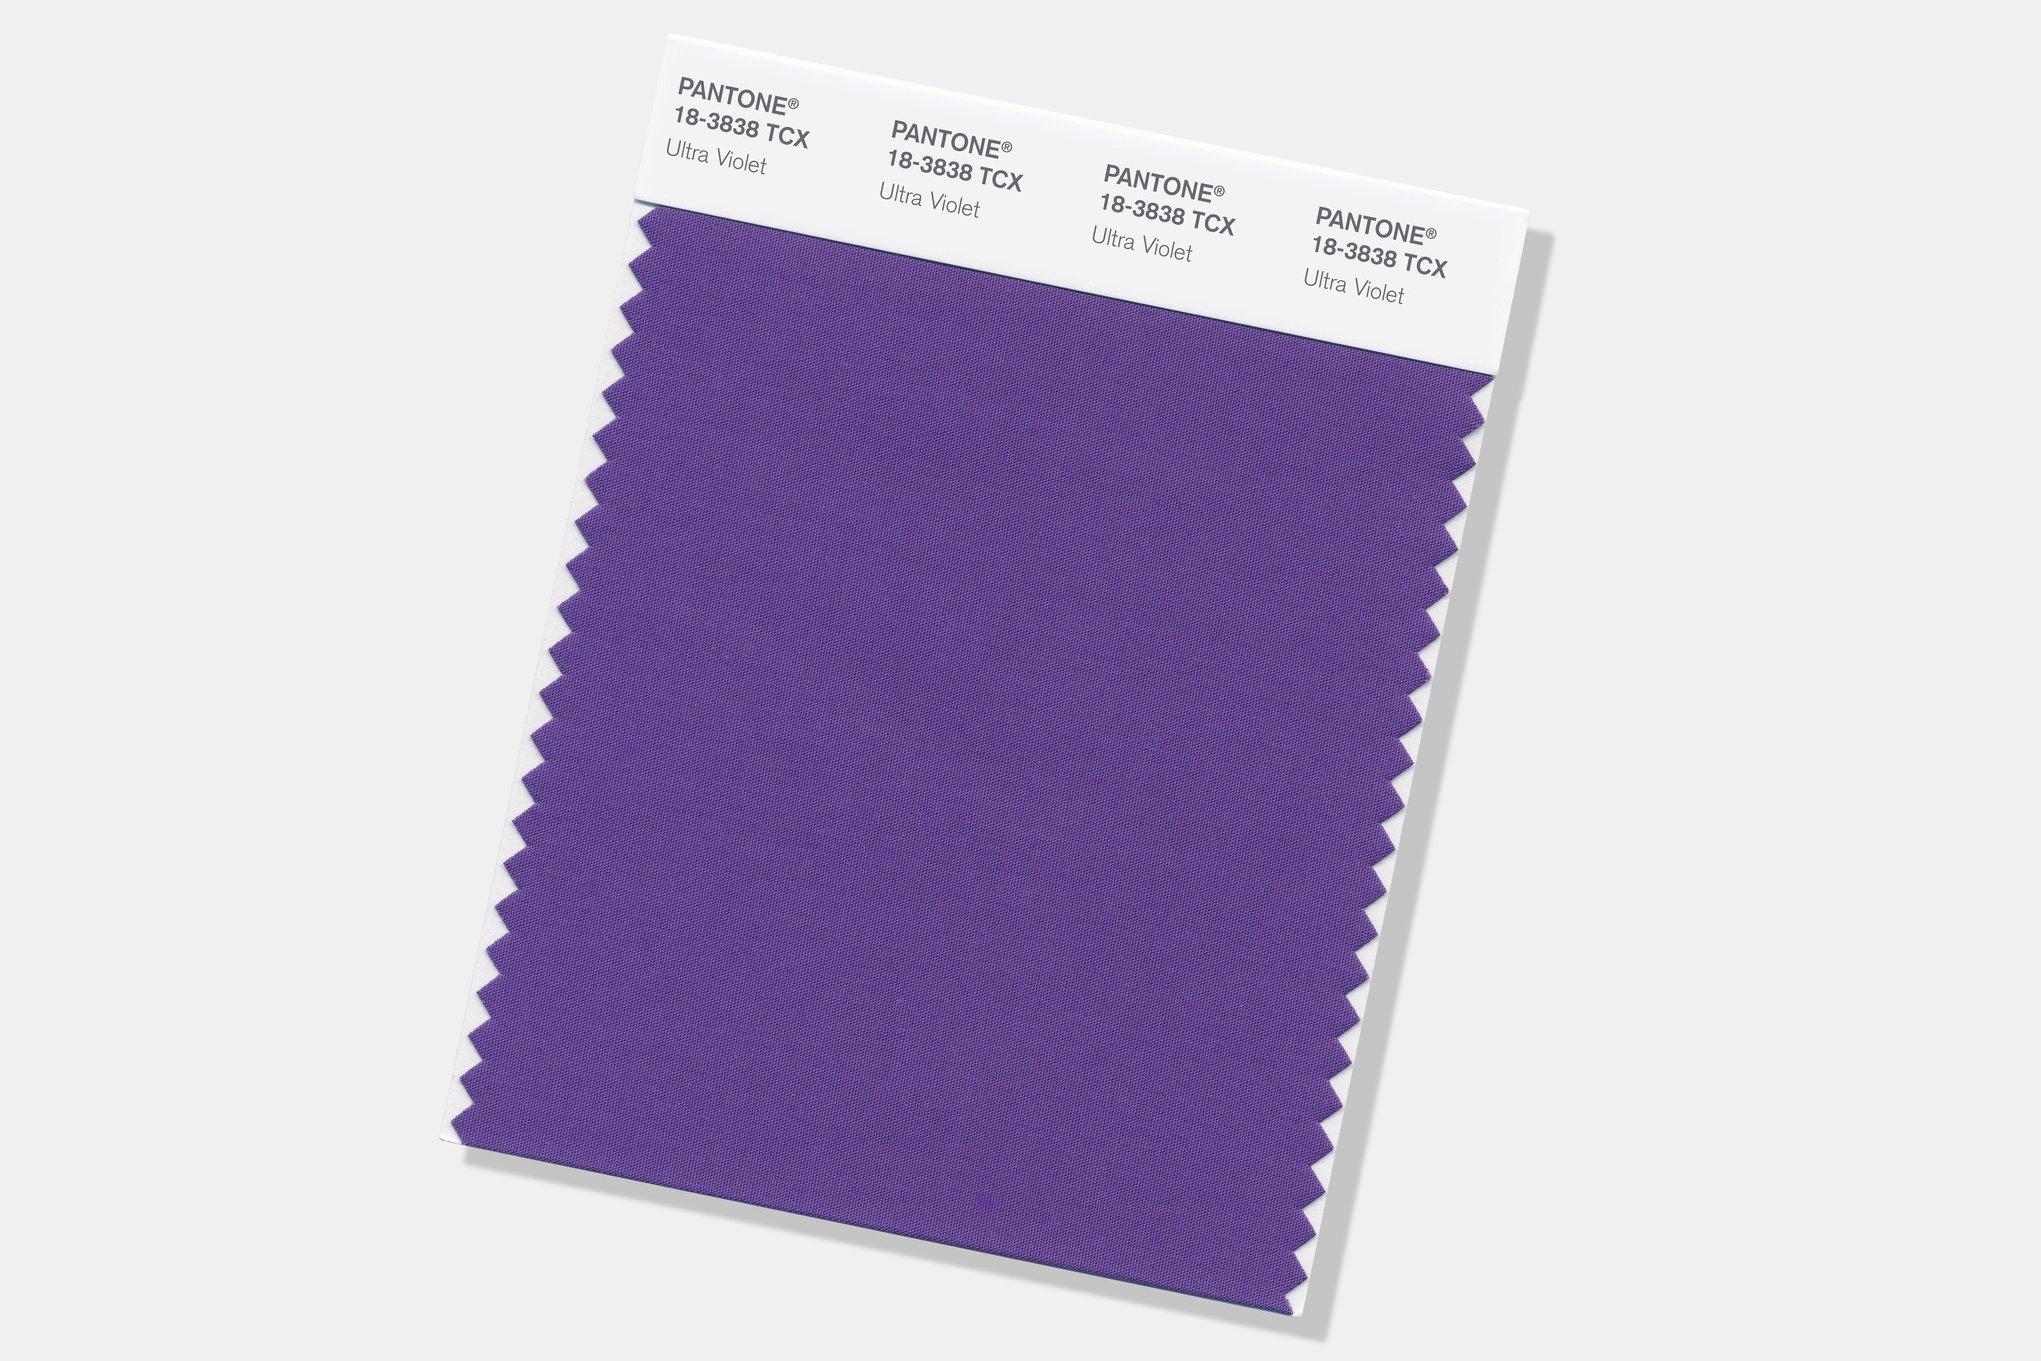 Pantone revela a cor do ano de 2018: Ultra Violet